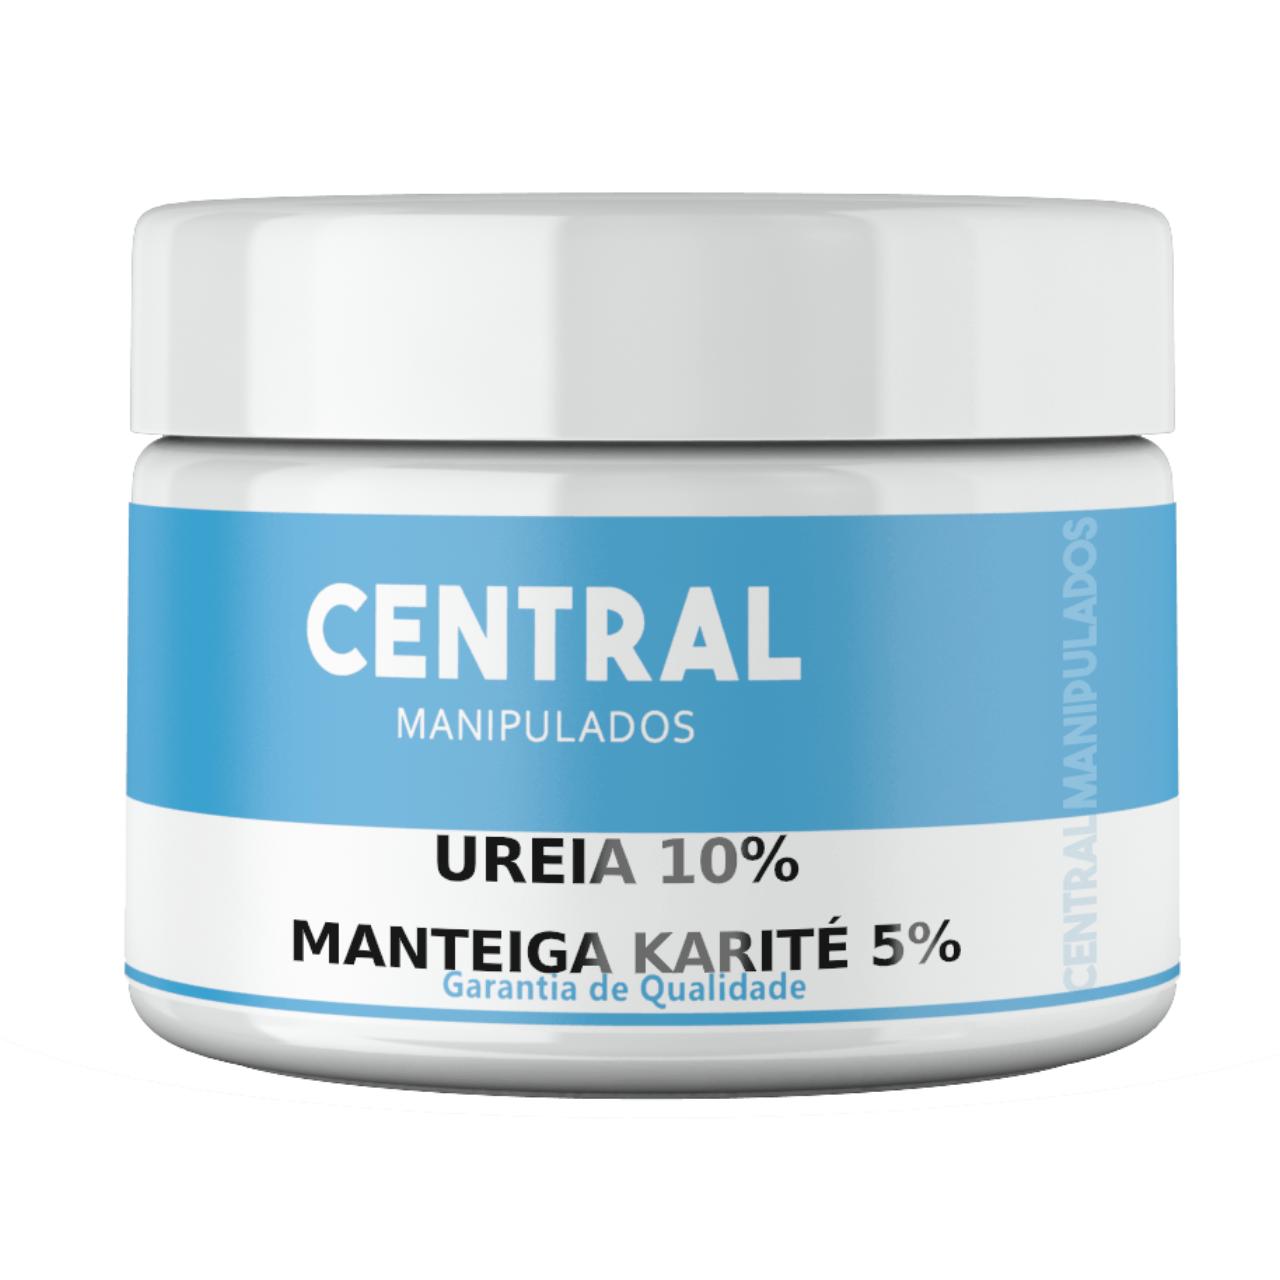 Ureia 10% + Manteiga de Karité 5% + Glicerina 10% - 500gramas Creme - Previne o Ressecamento, Antioxidante, Protege a Pele